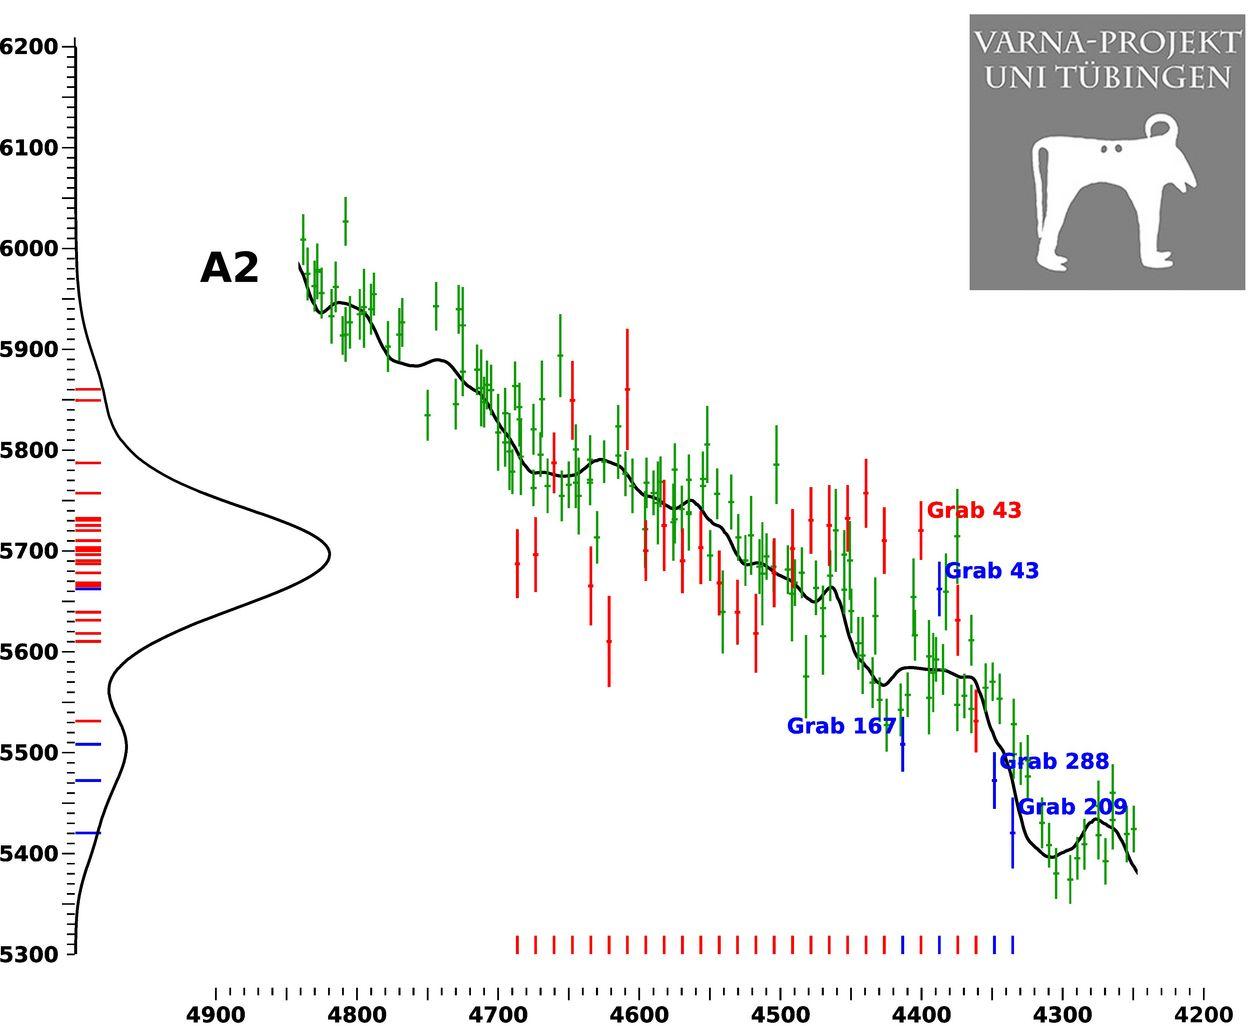 Radiokarbondatierung in der Geschichte